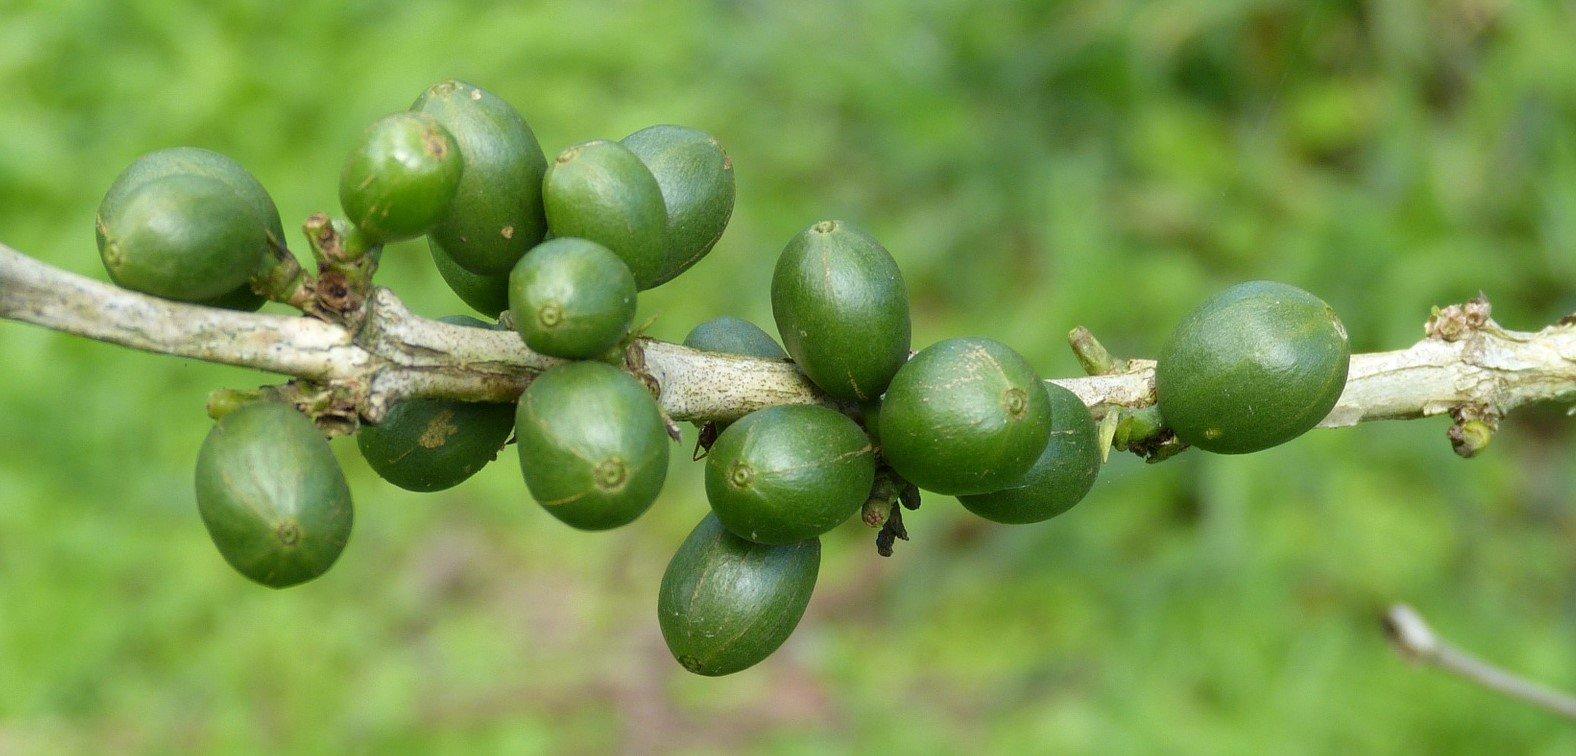 ubrente-kaffebønner